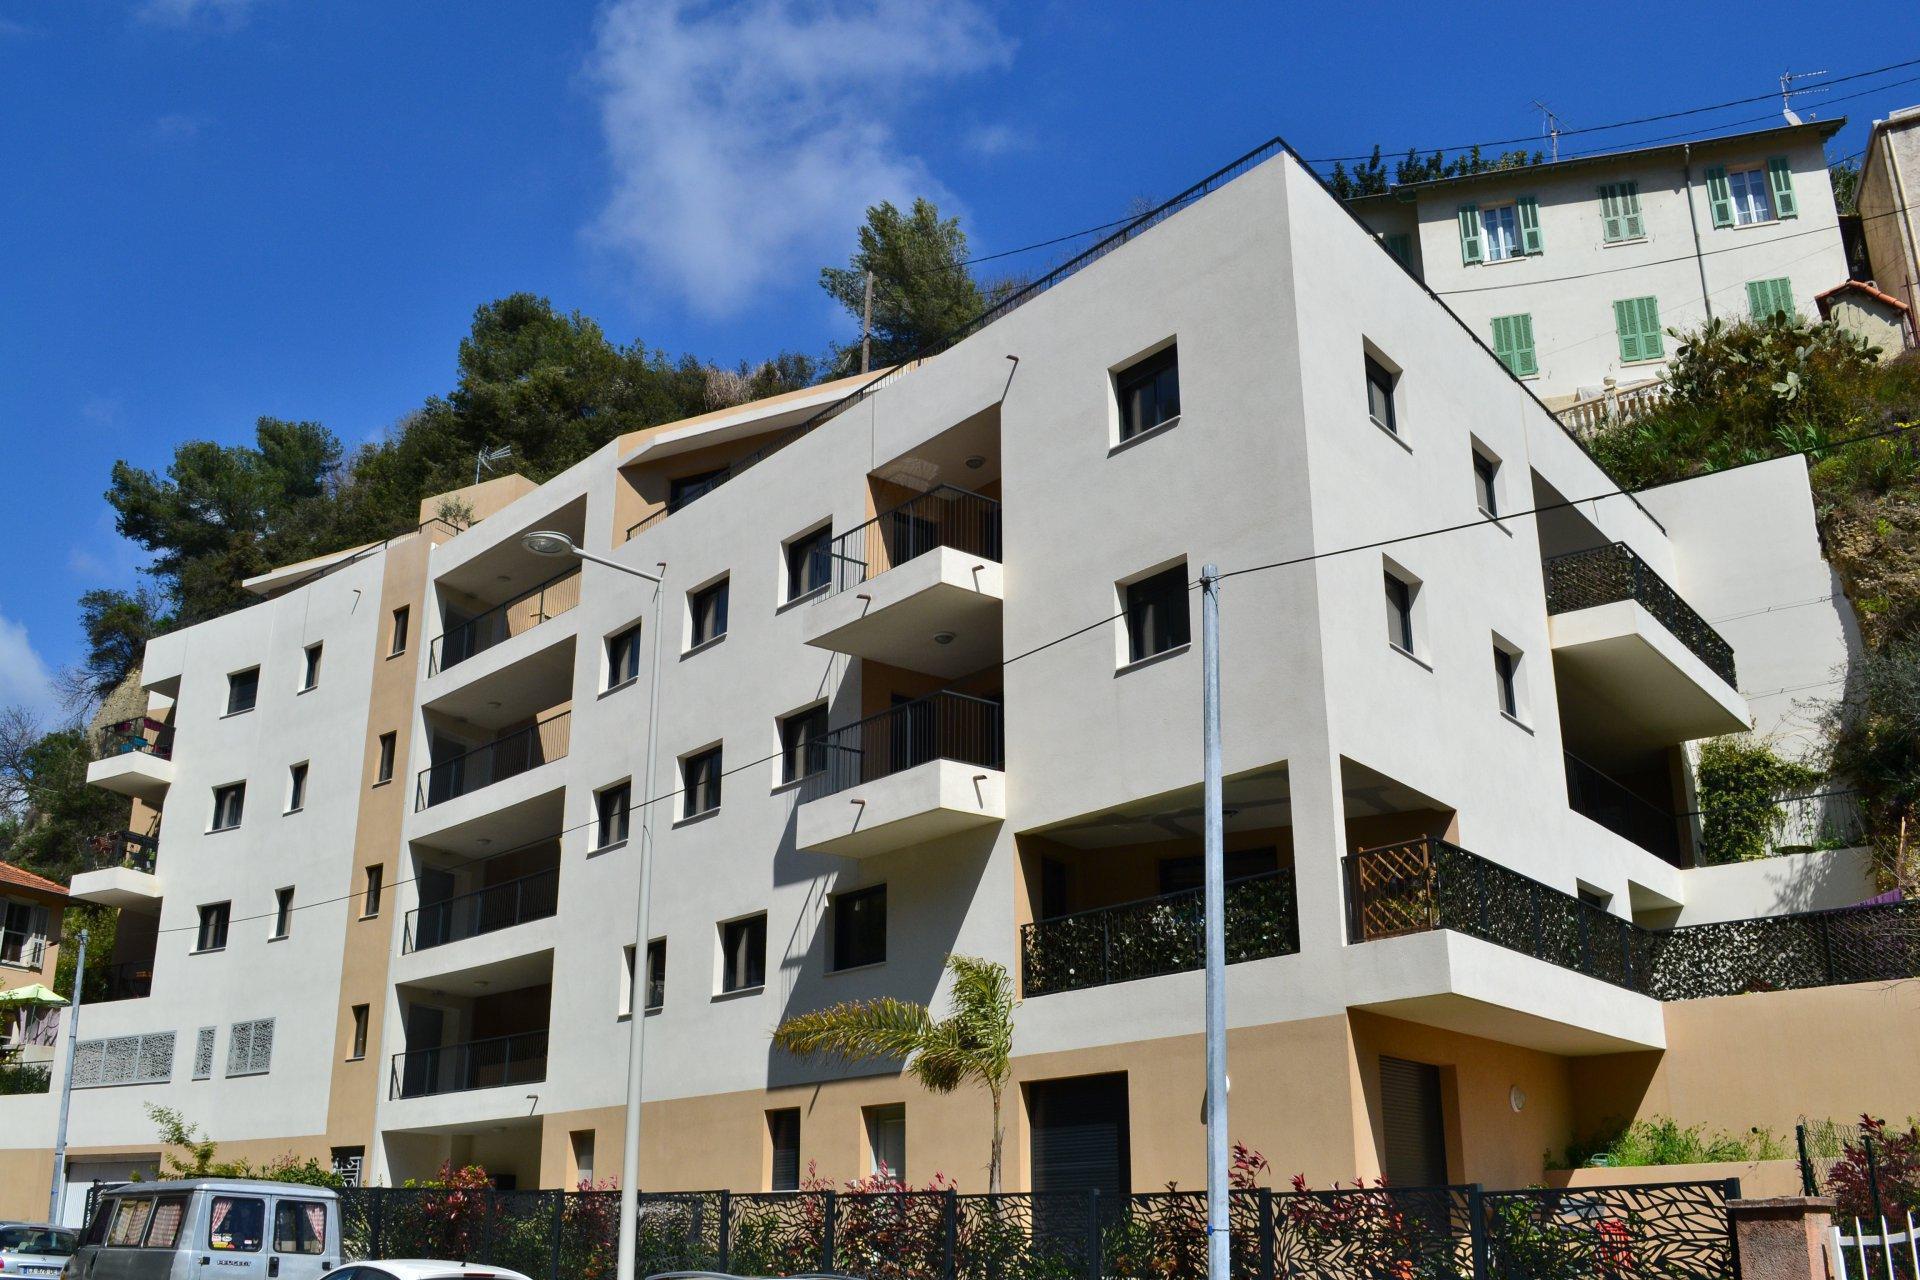 ALPES MARITIMES (06) - NICE SAINT SYLVESTRE - VENTE 3 pièces terrasse